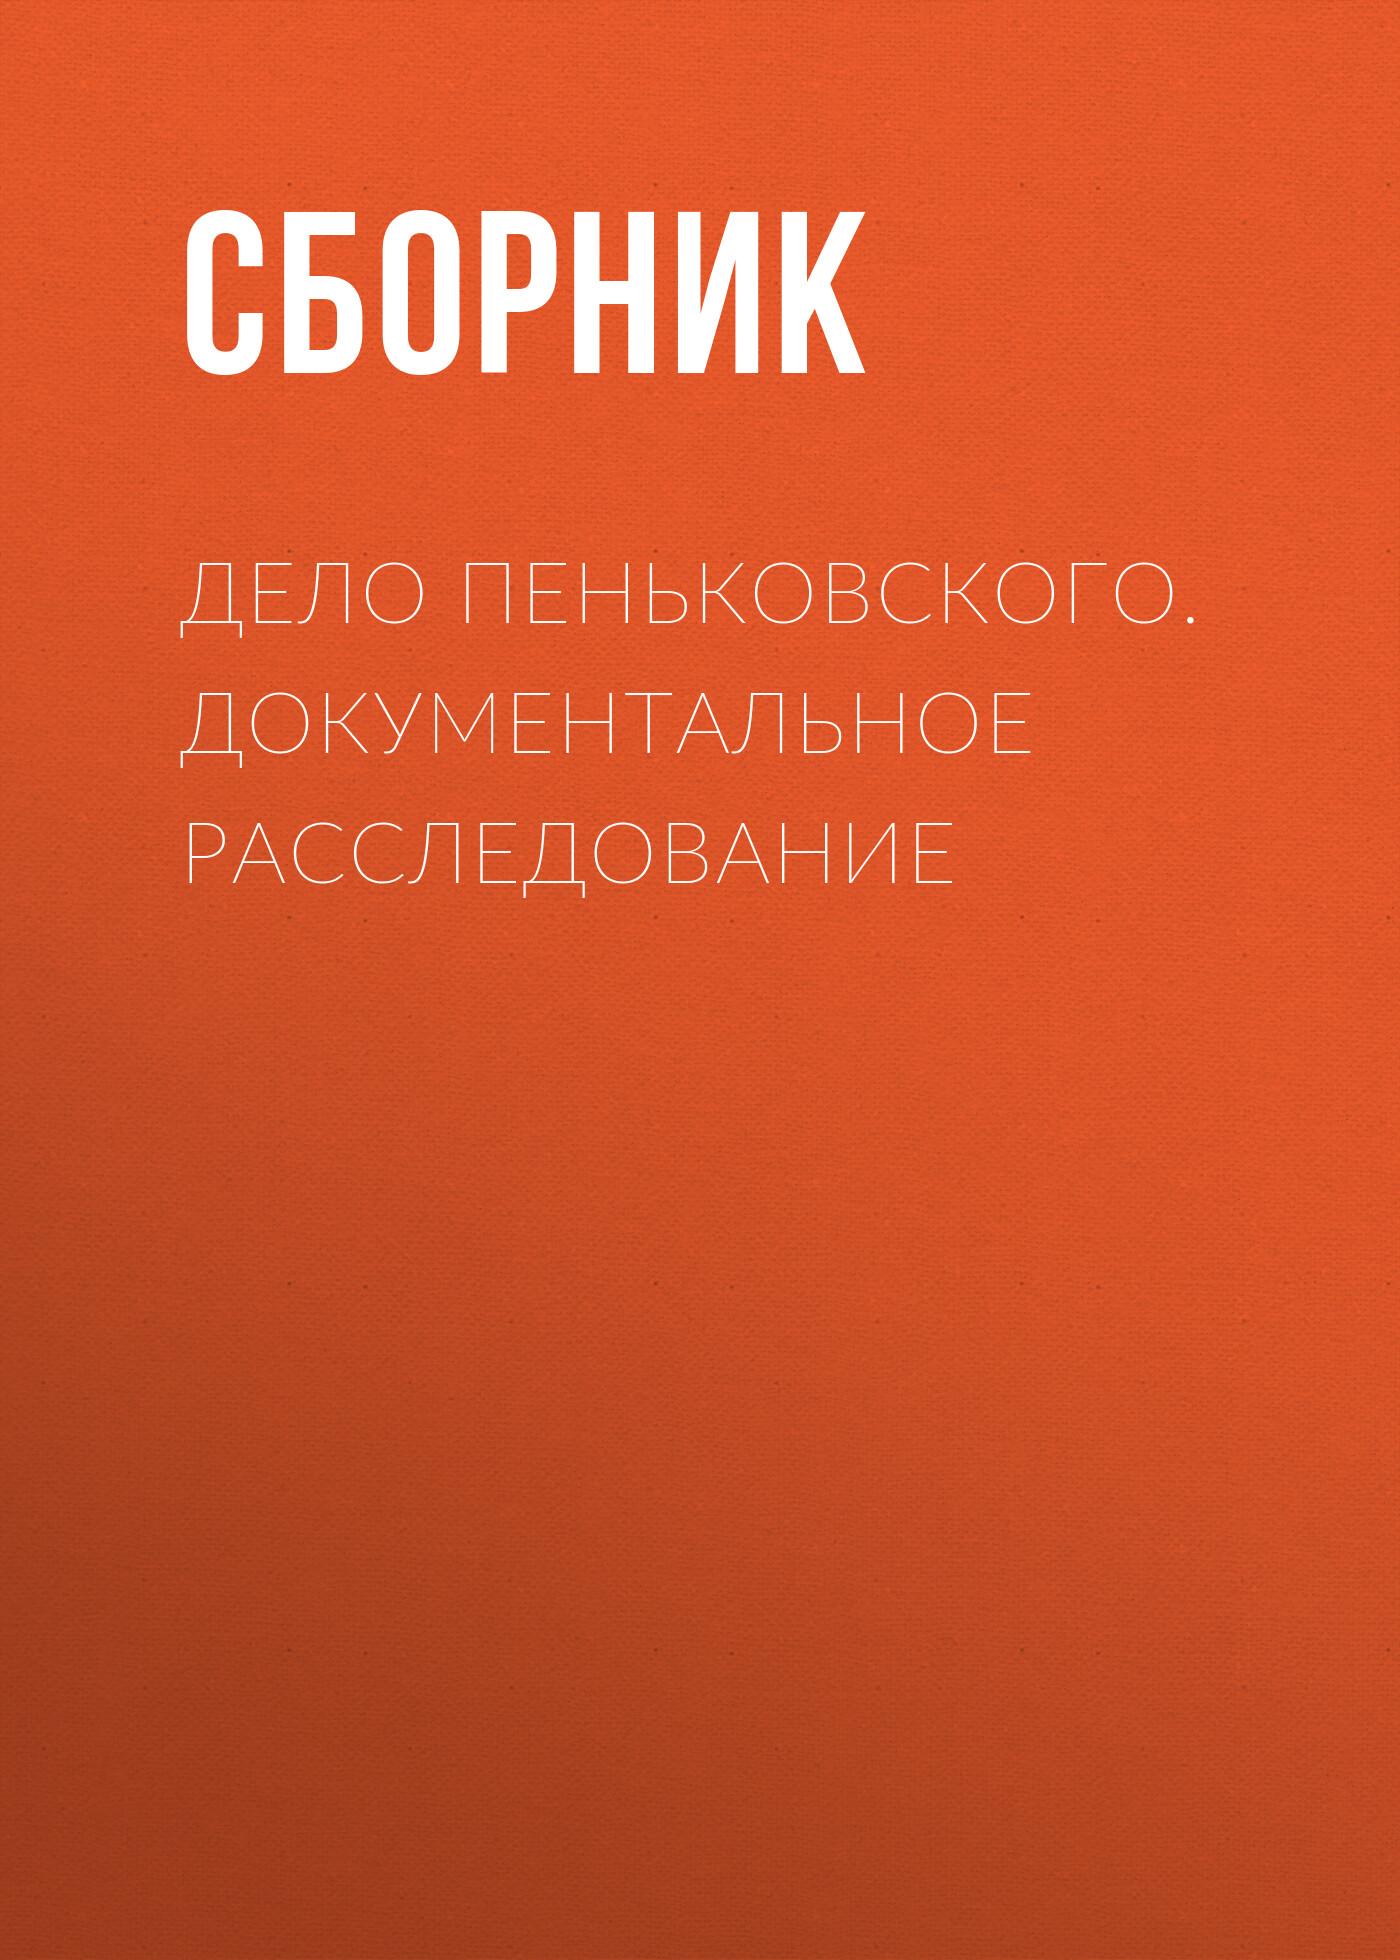 Дело Пеньковского. Документальное расследование